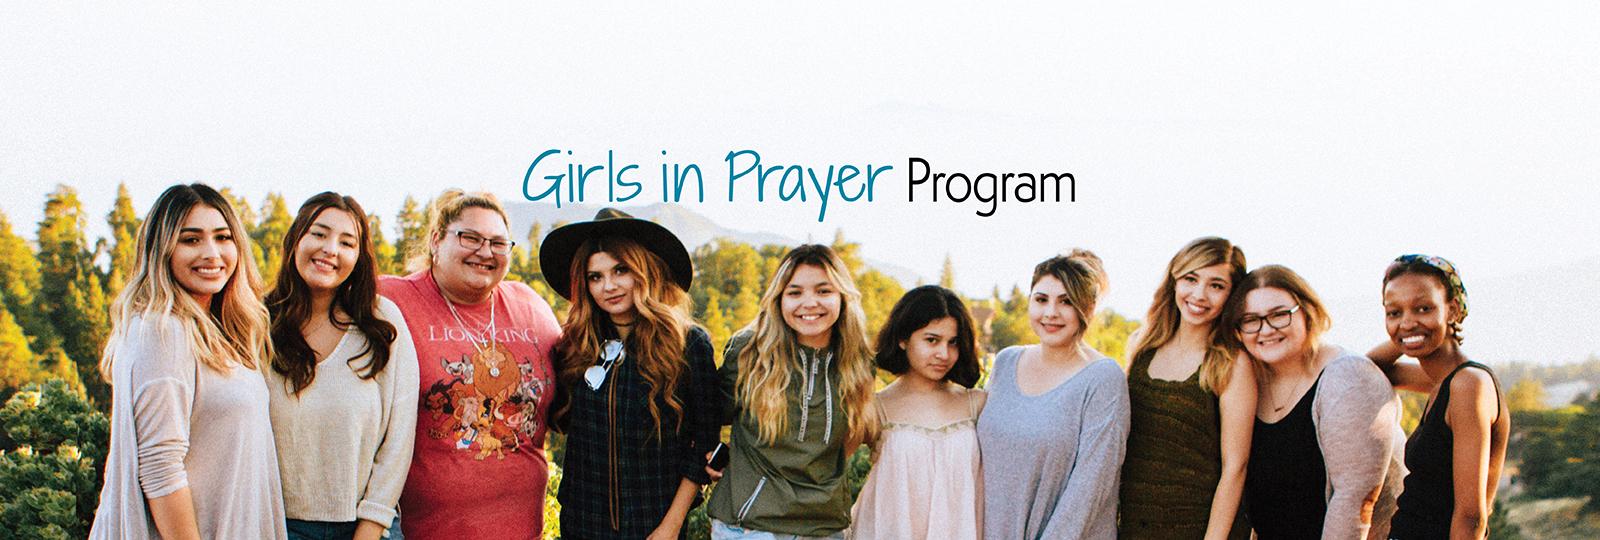 Girls in Prayer program